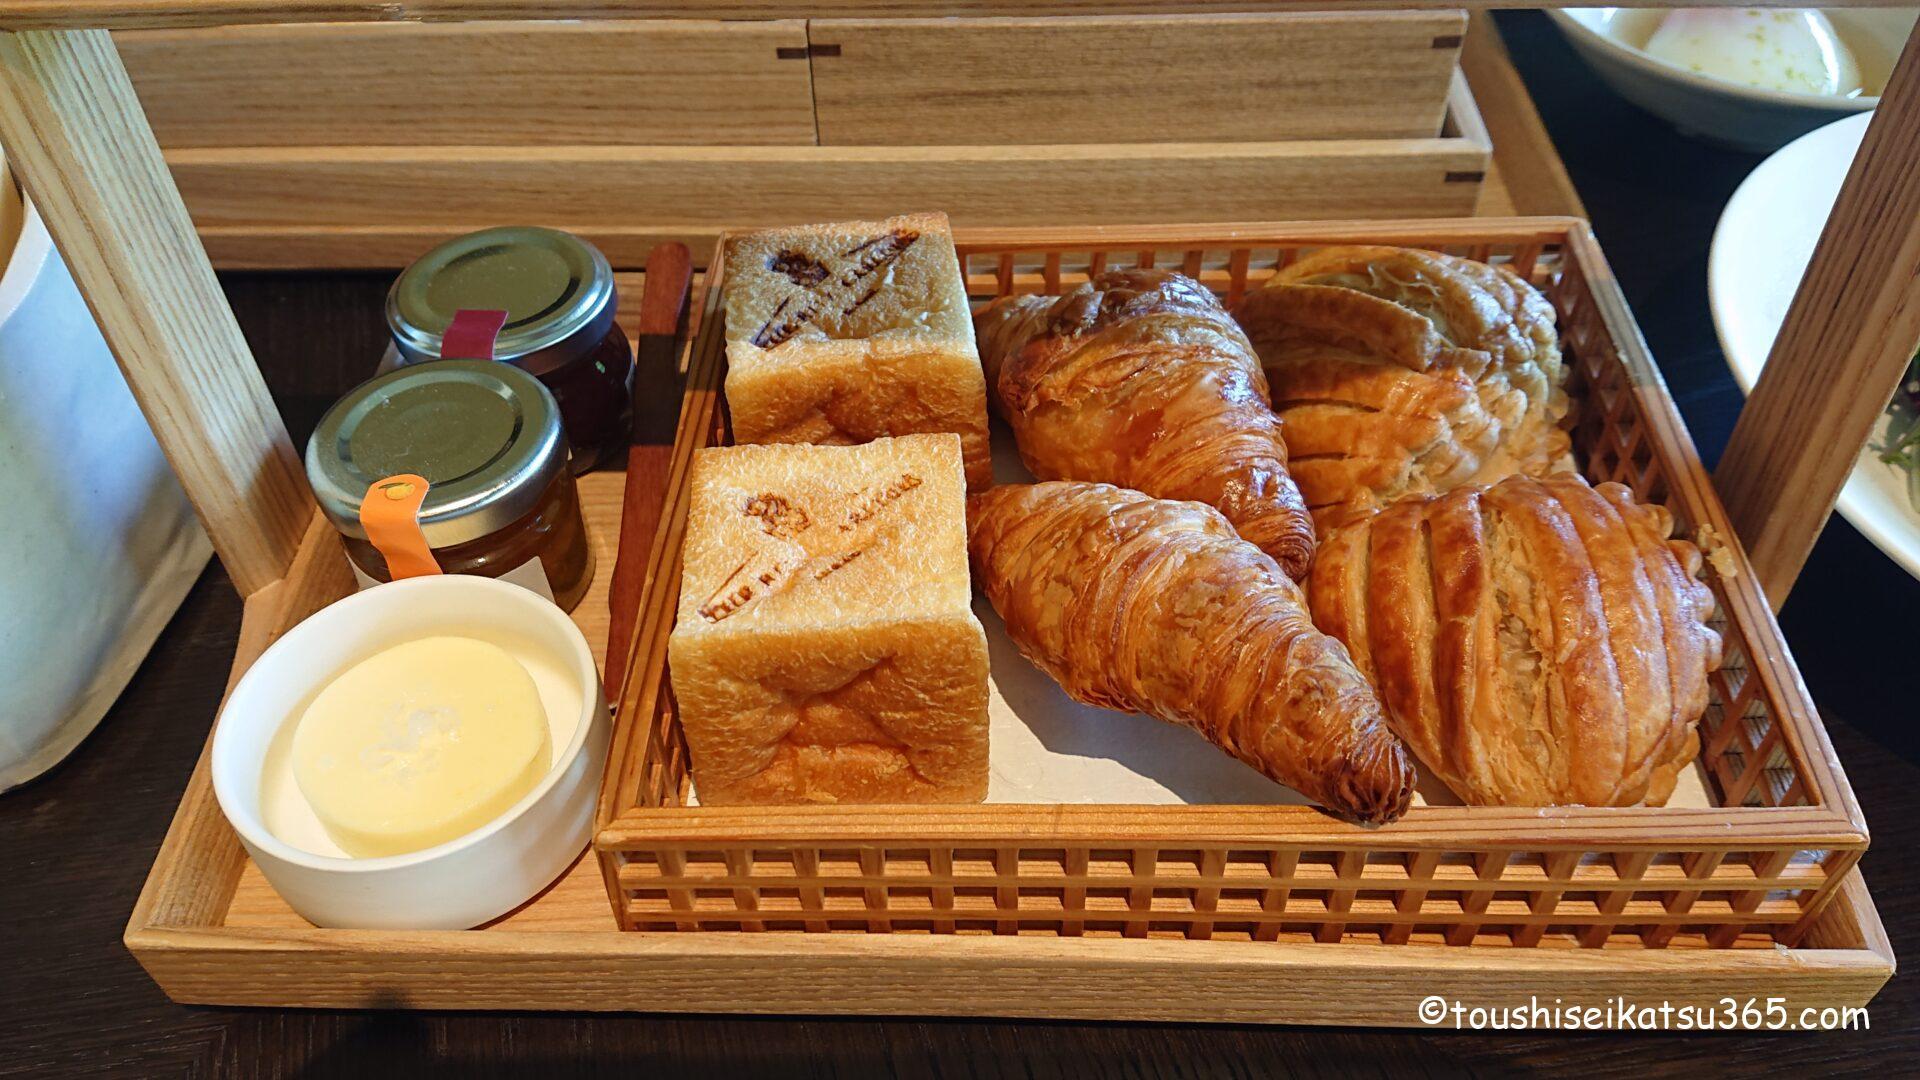 ザ・リッツ・カールトン ブレックファスト|3種のパン